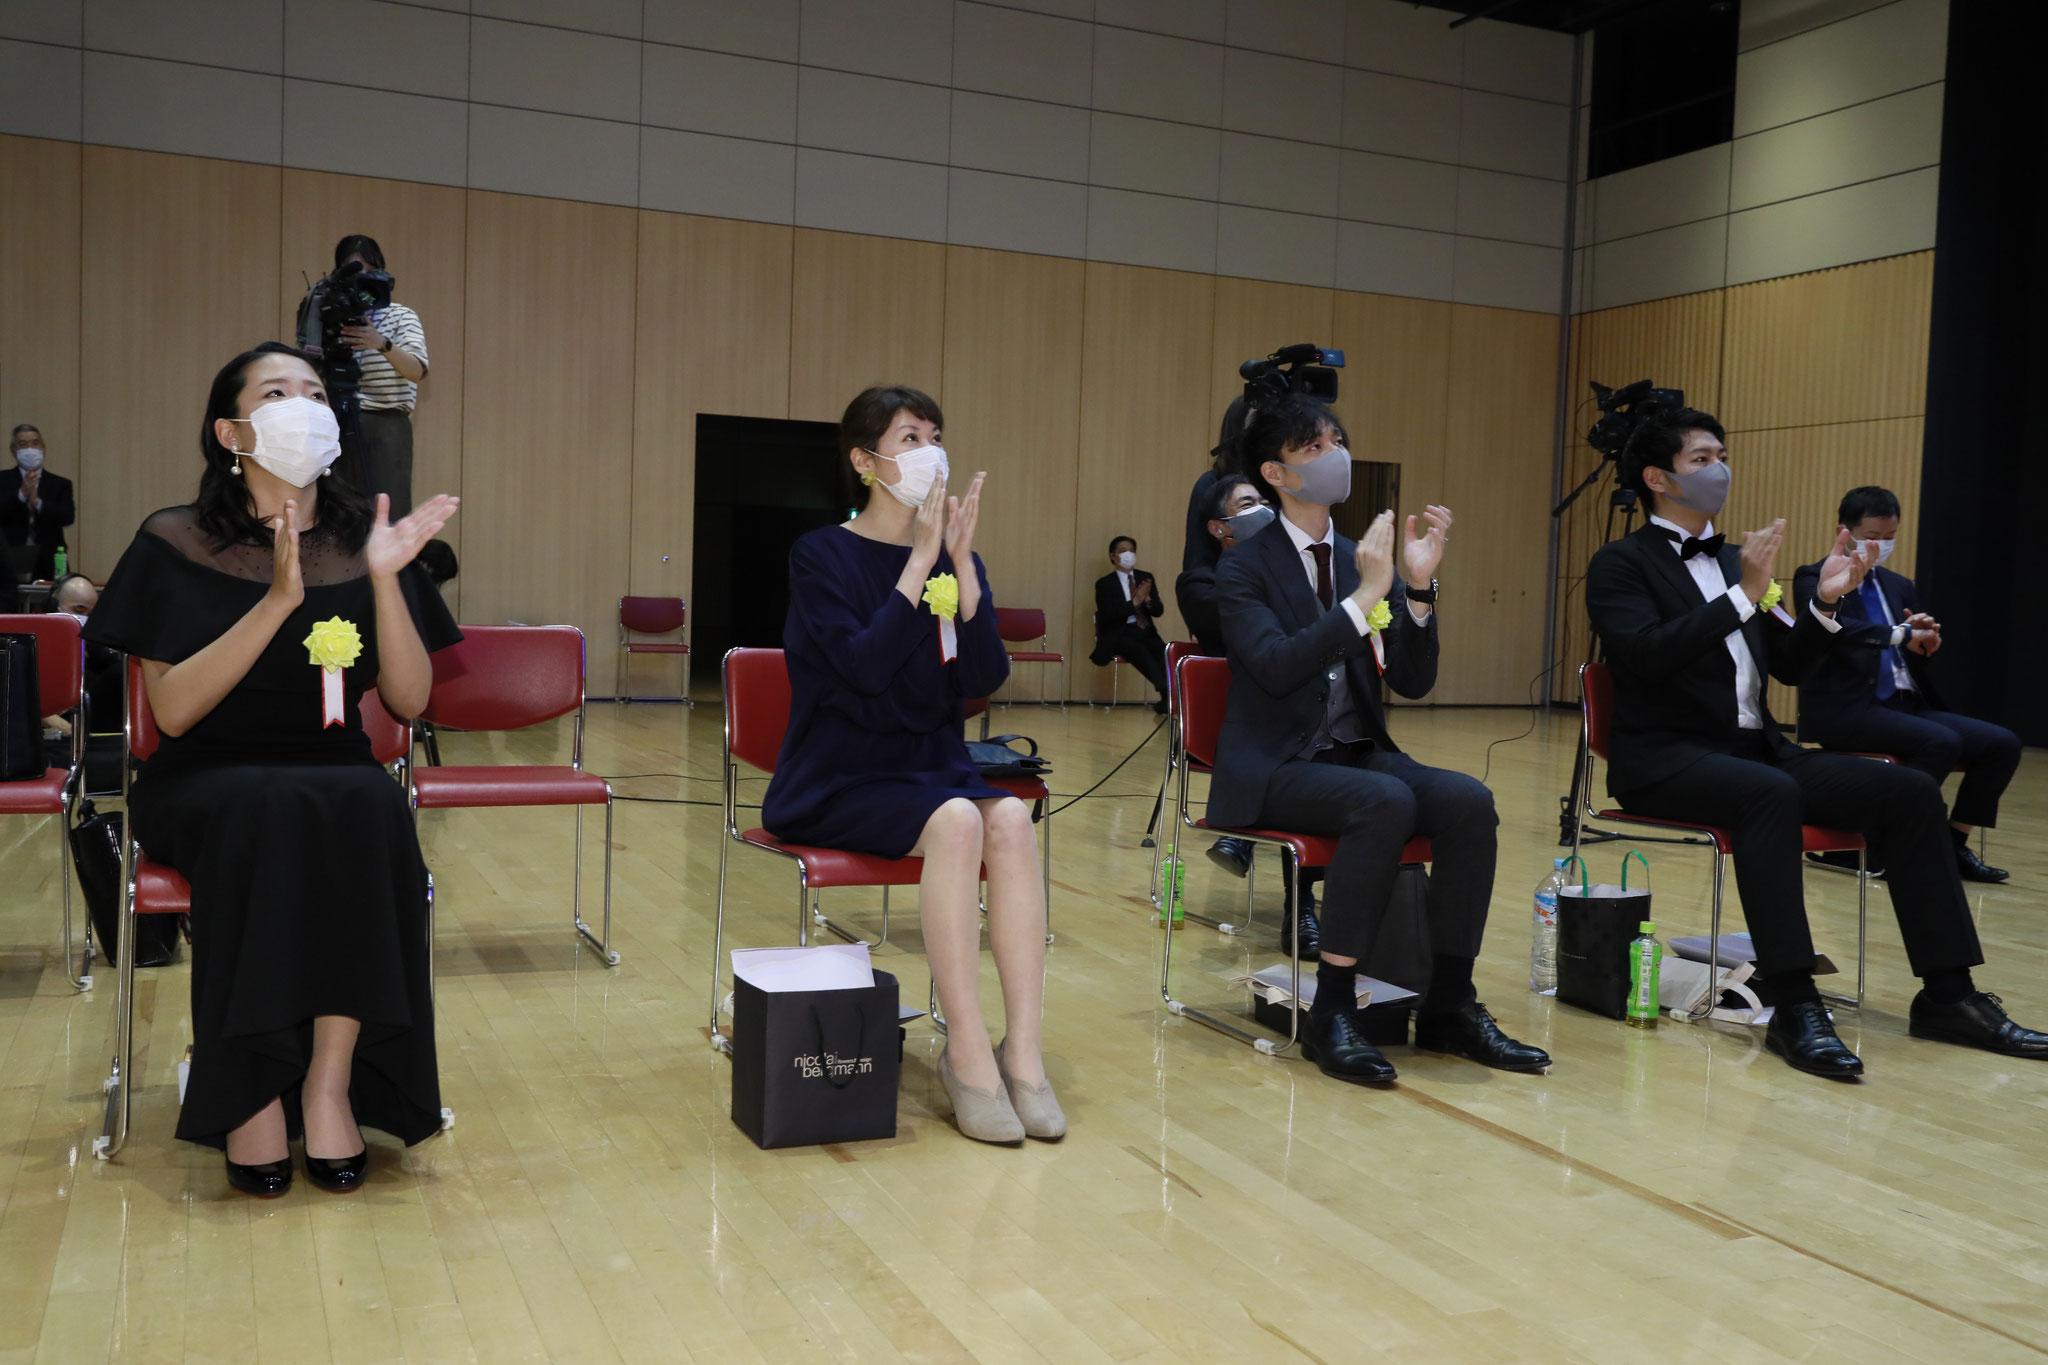 一部の受賞者については受賞スピーチをオンラインで実施いたしました。